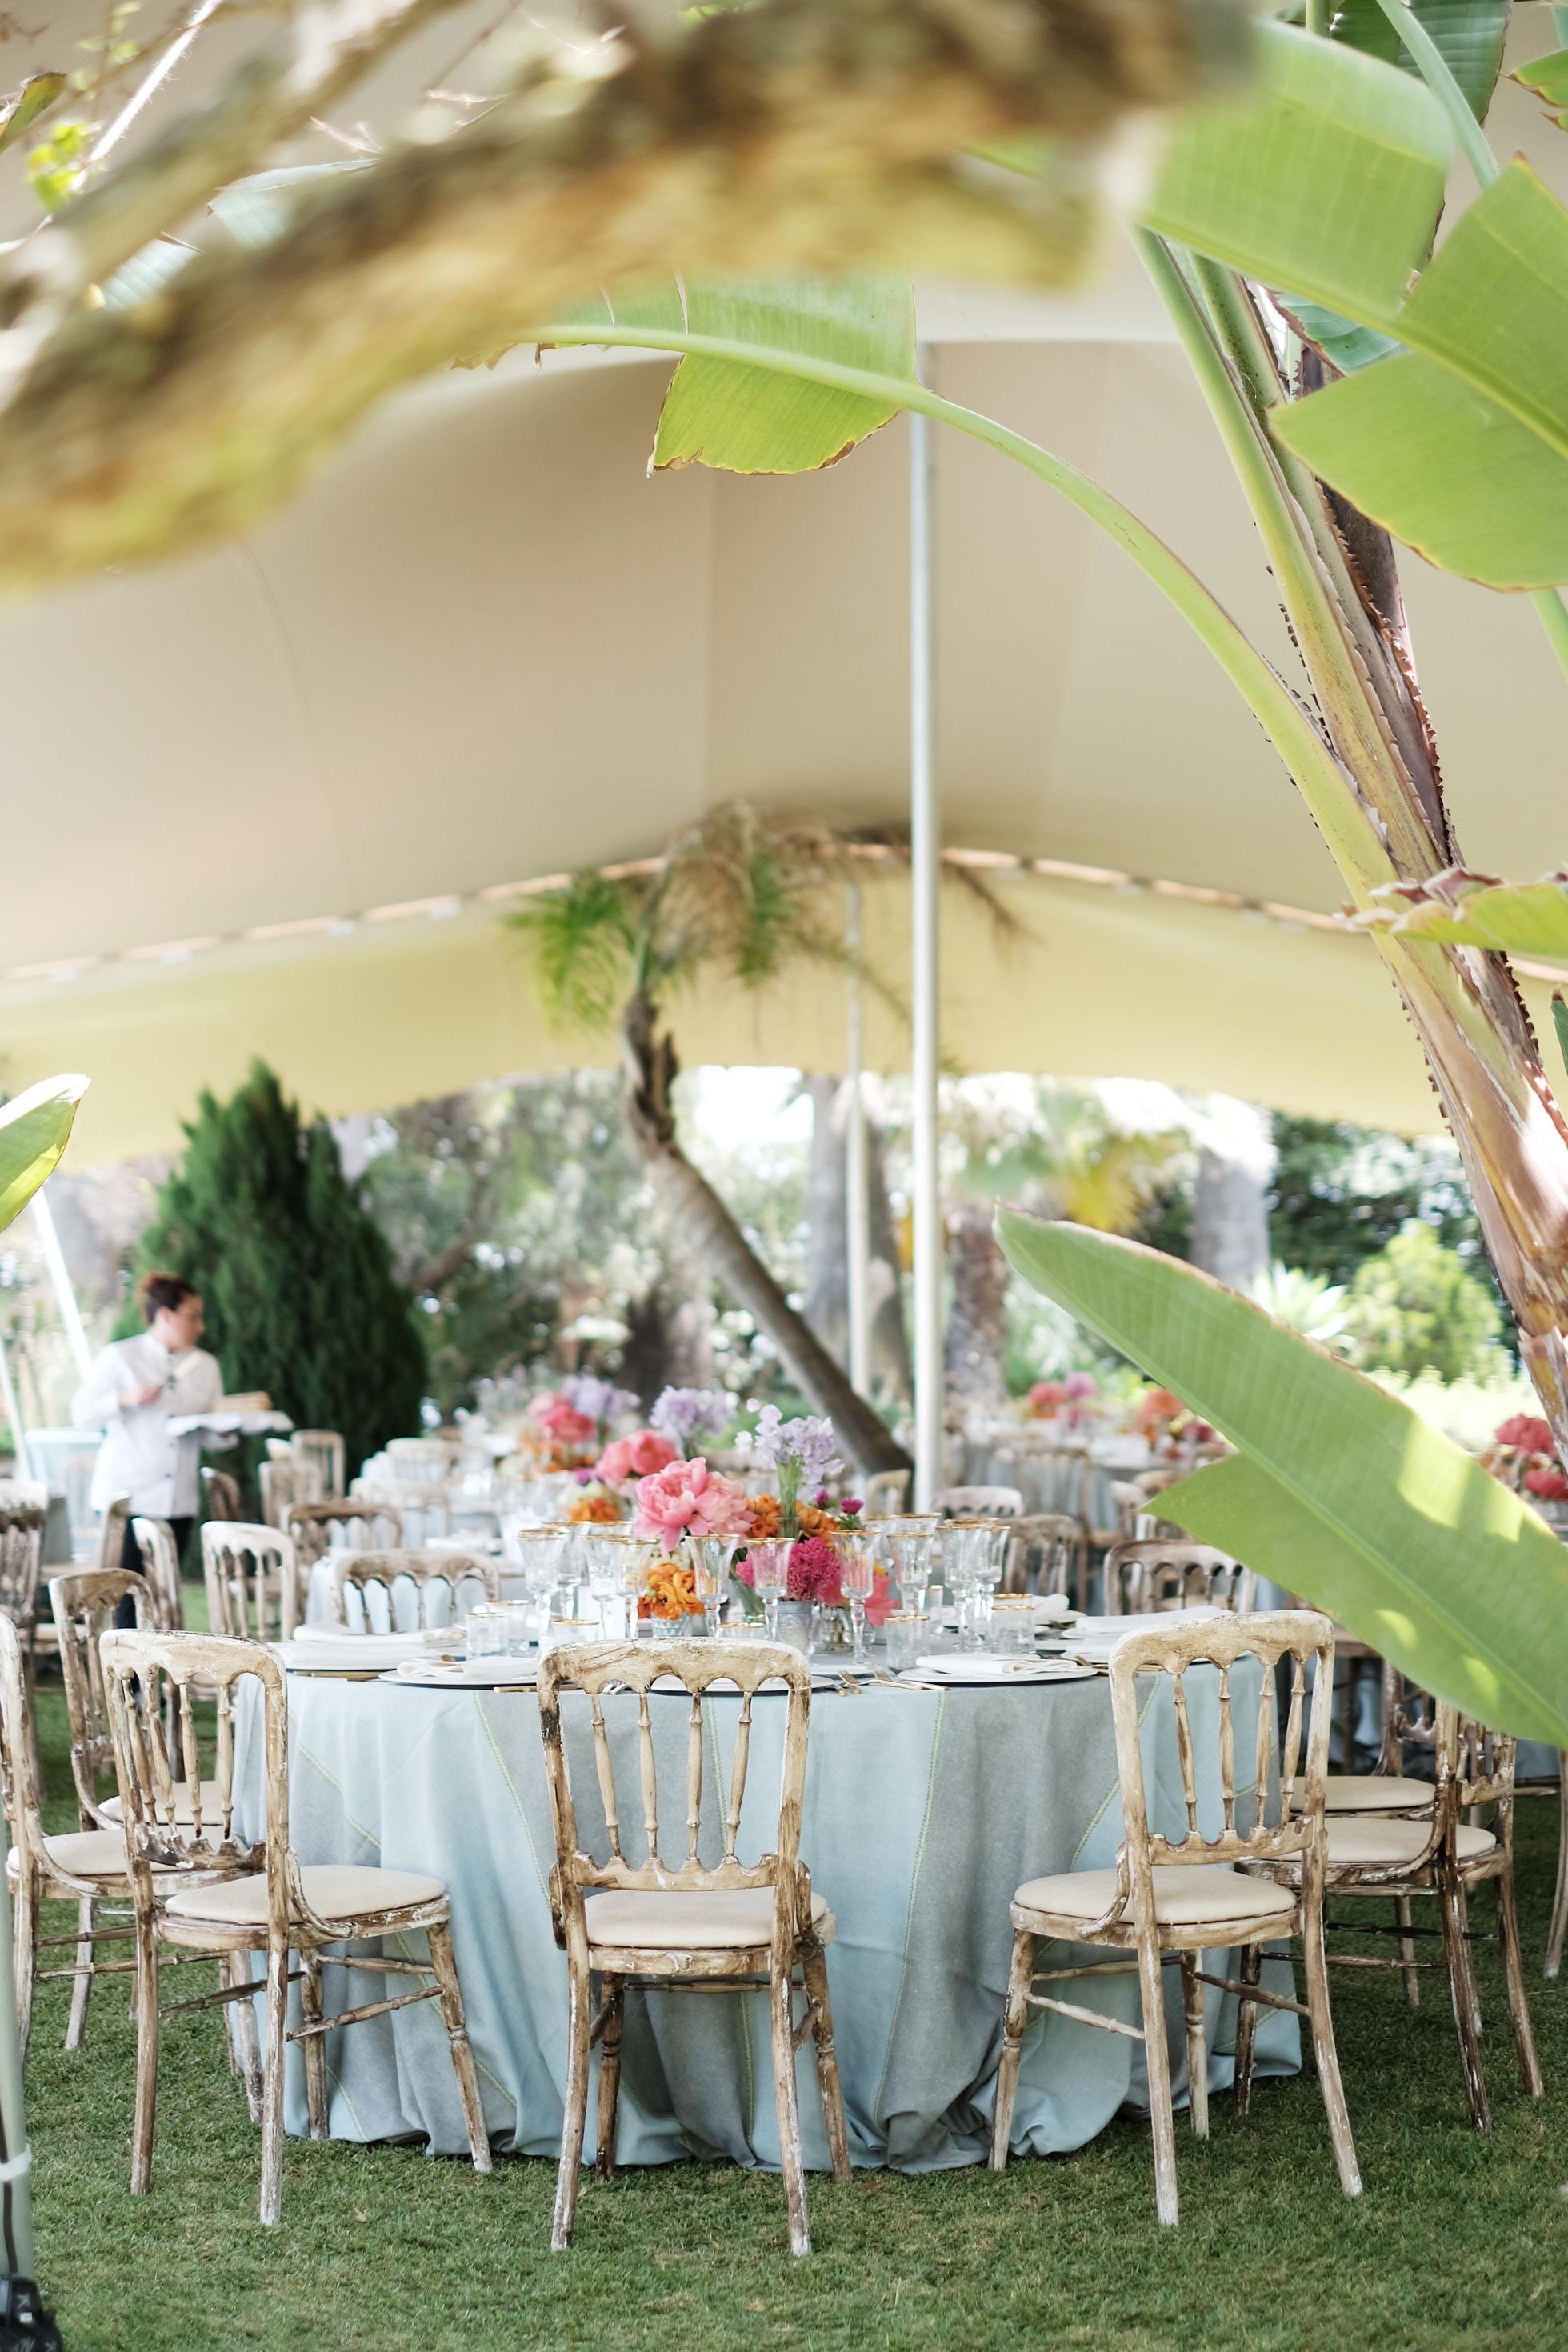 Si-Quiero-Wedding-Planners-Marbella-Isabel-Manolo-113